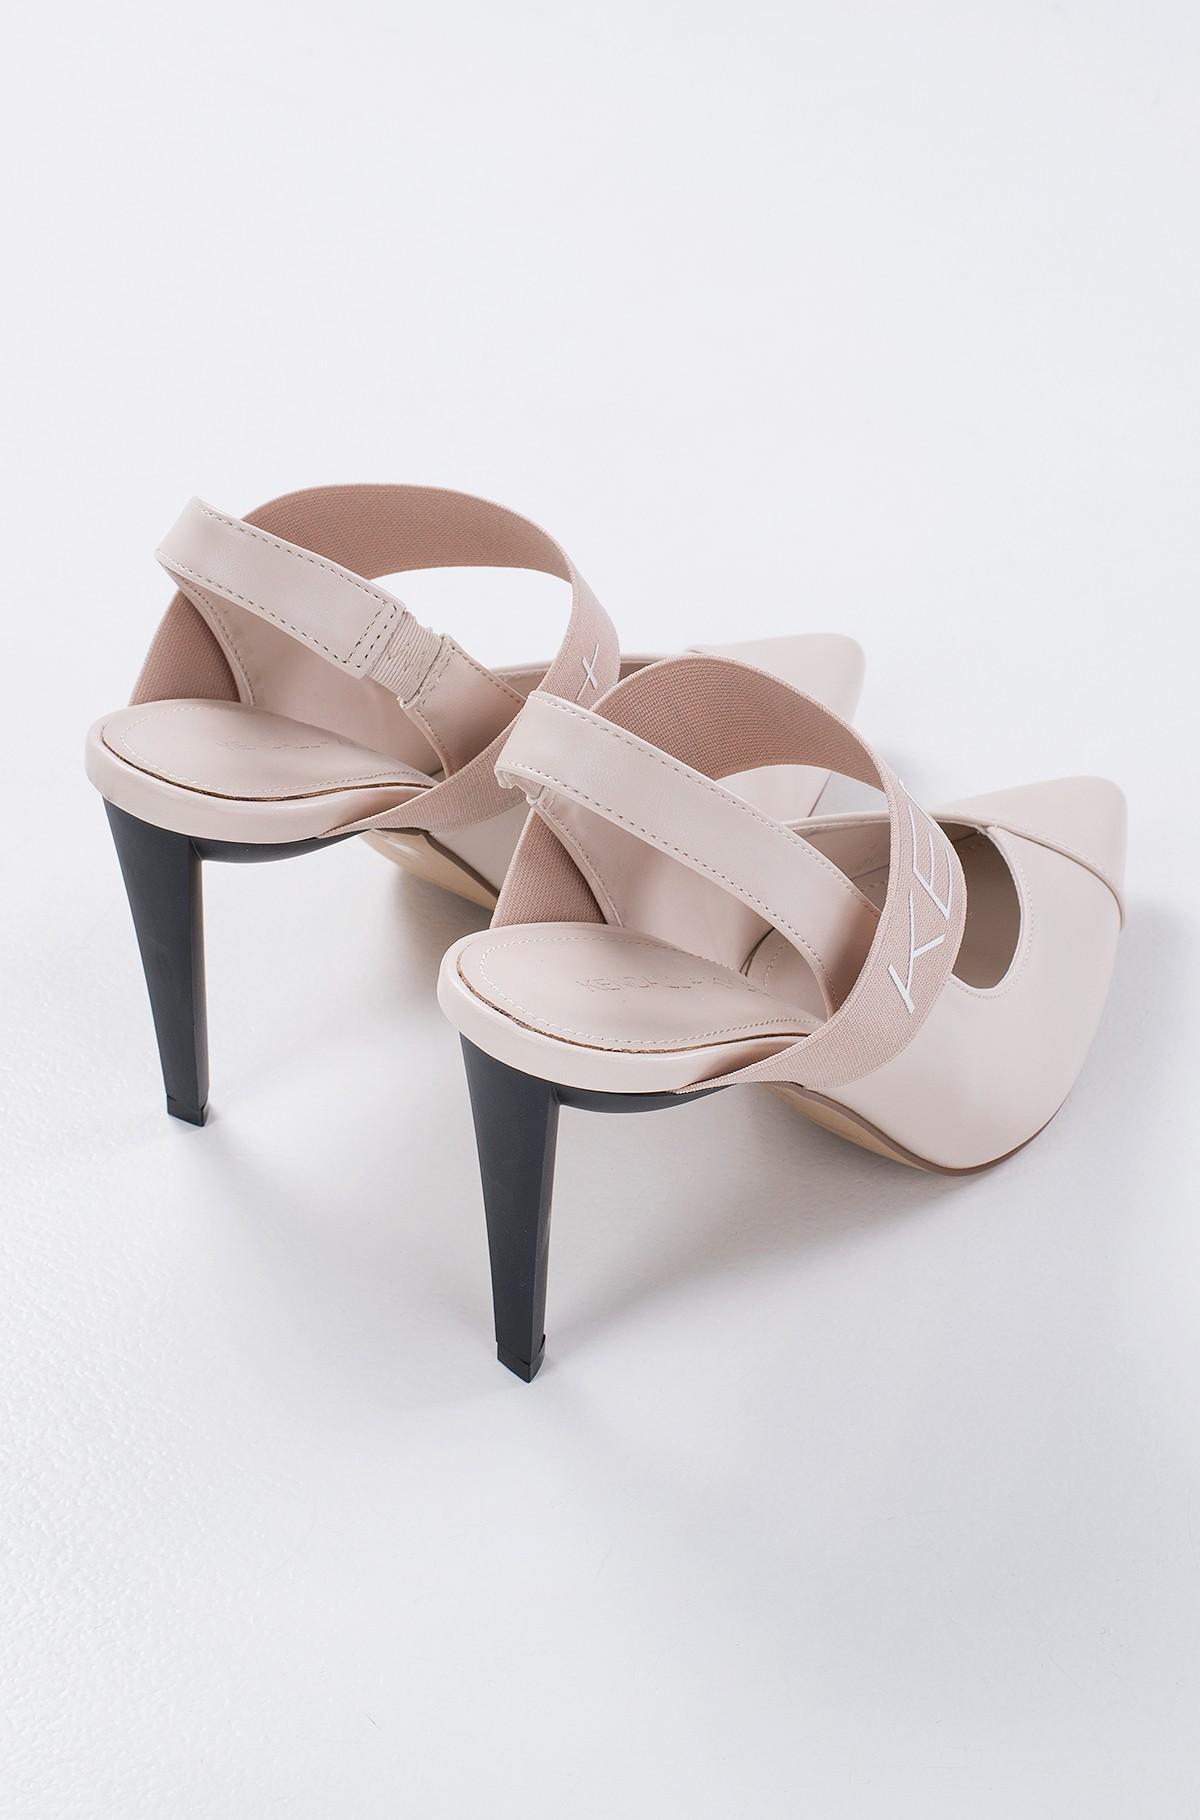 Shoes ZIAN-full-4